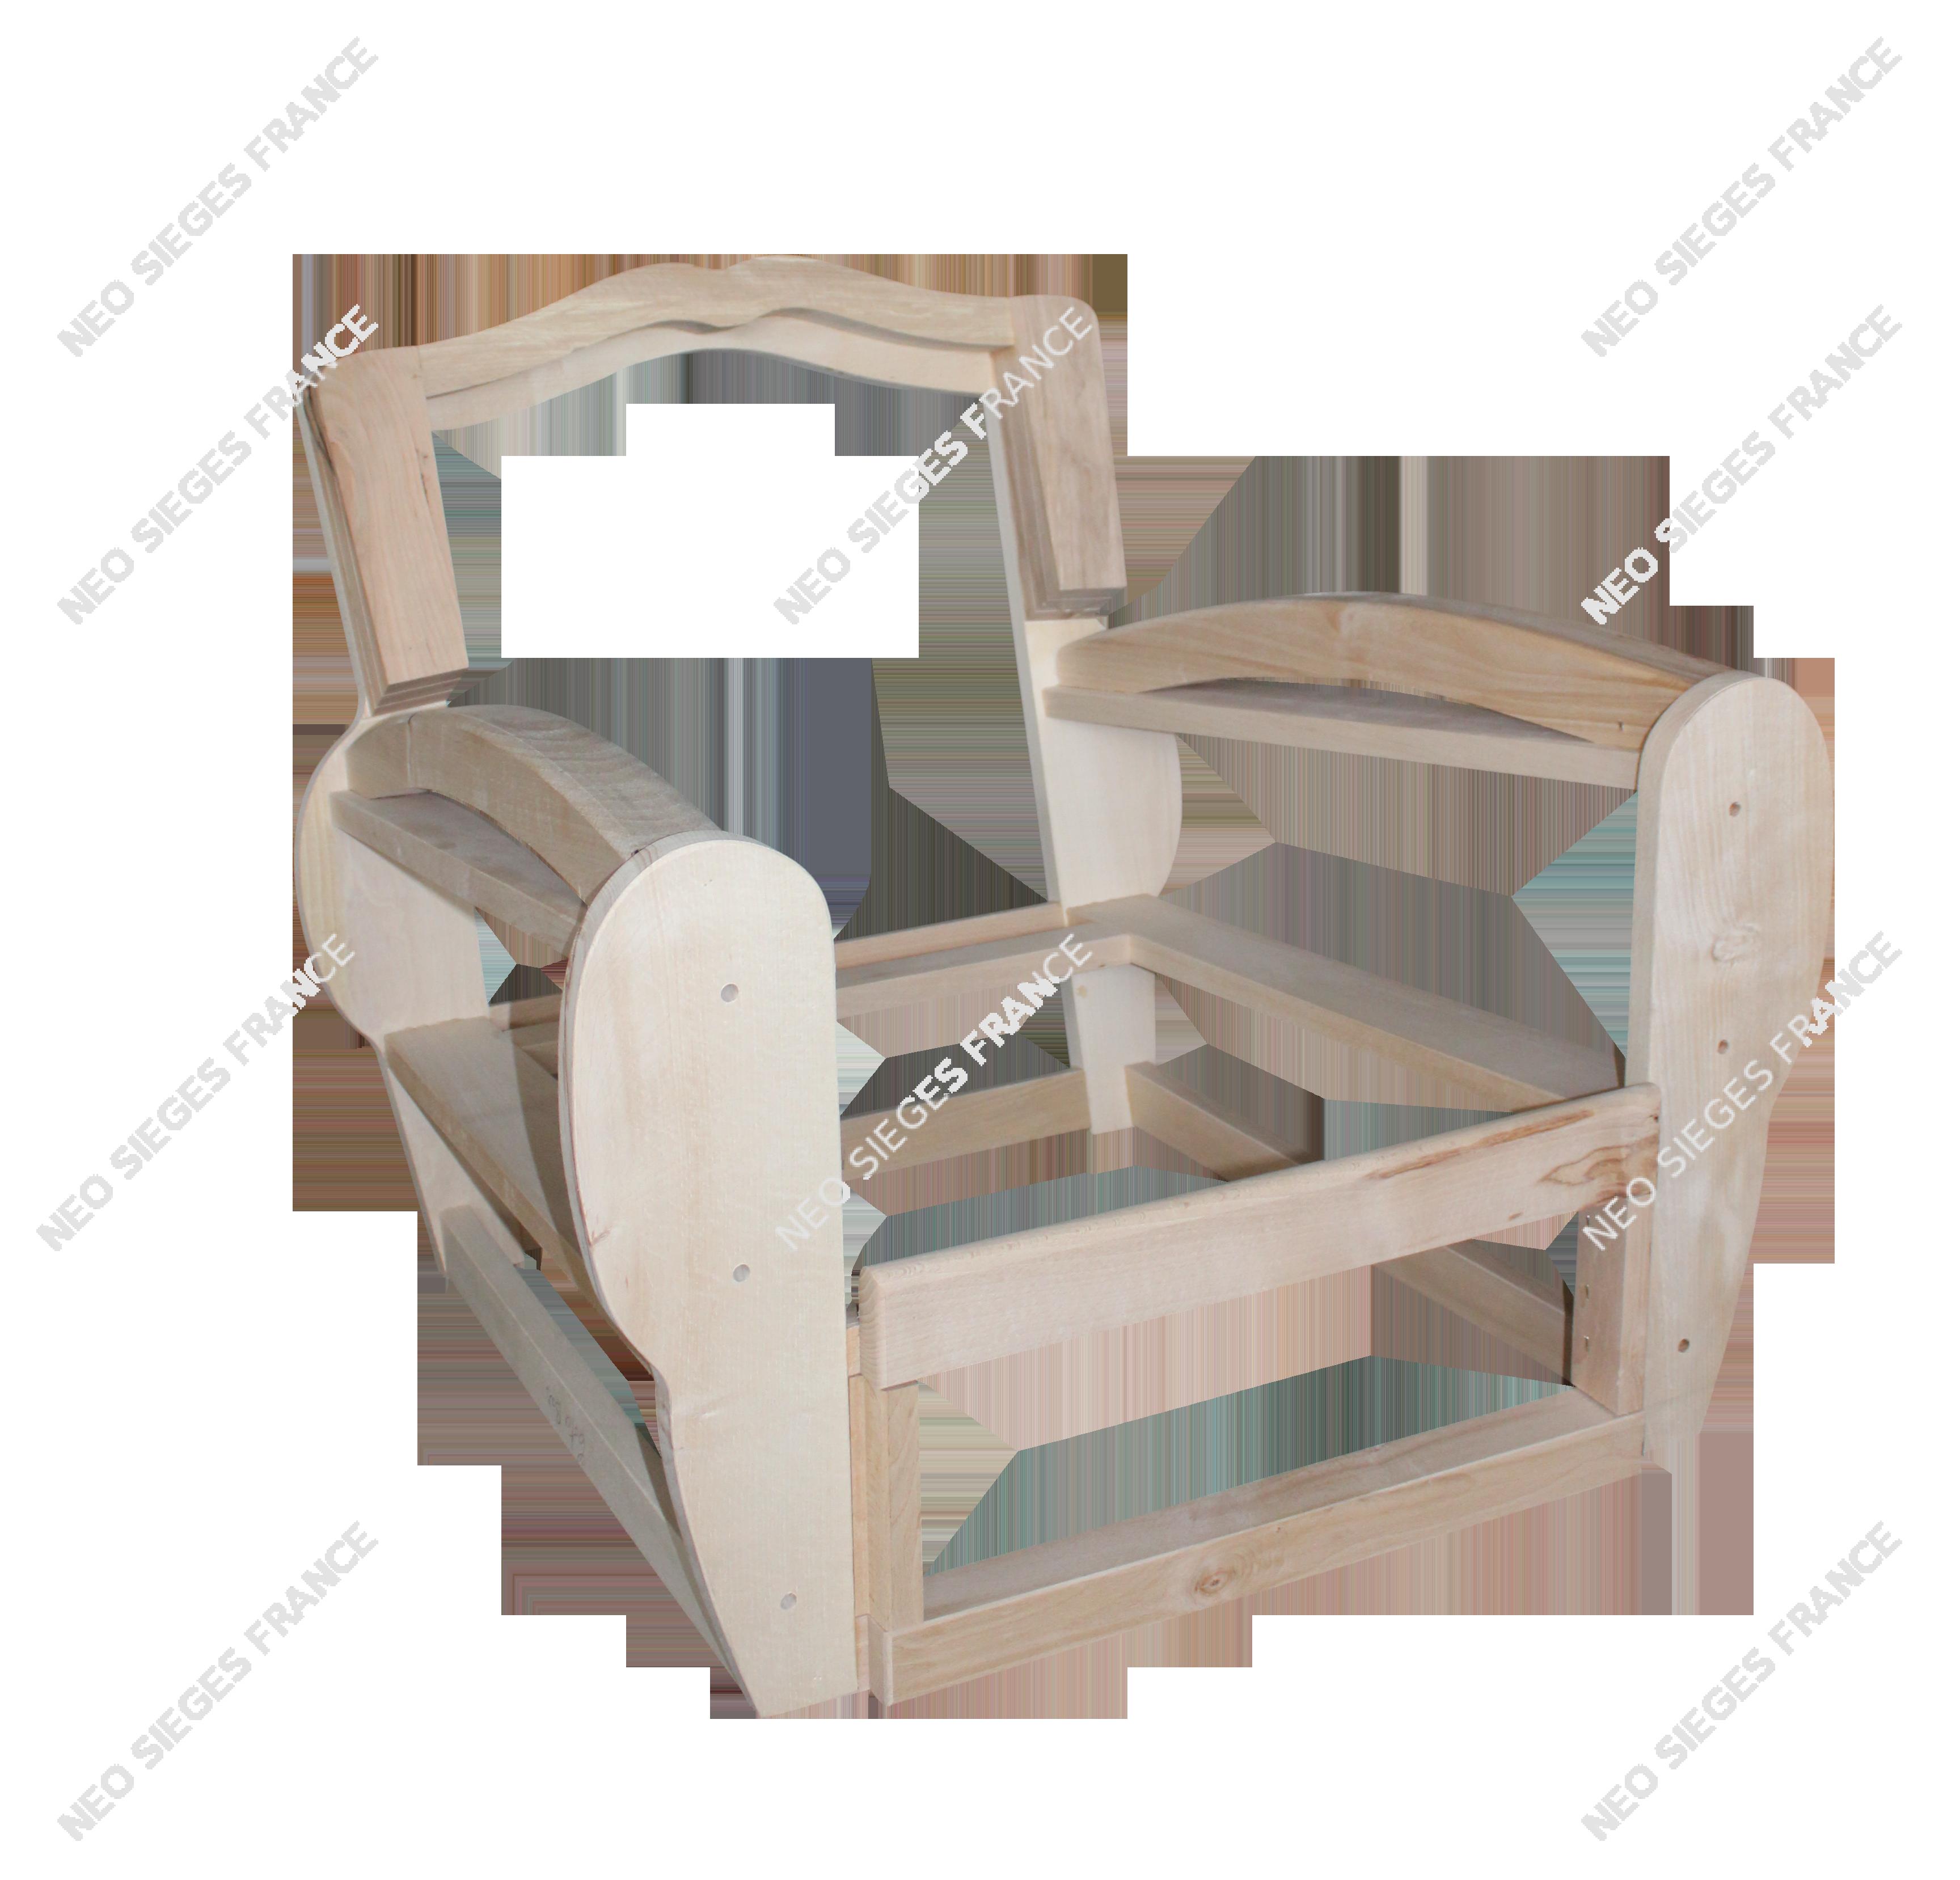 carcasse fauteuil enfant fauteuil voltaire pour enfant artisans du patrimoine with carcasse. Black Bedroom Furniture Sets. Home Design Ideas